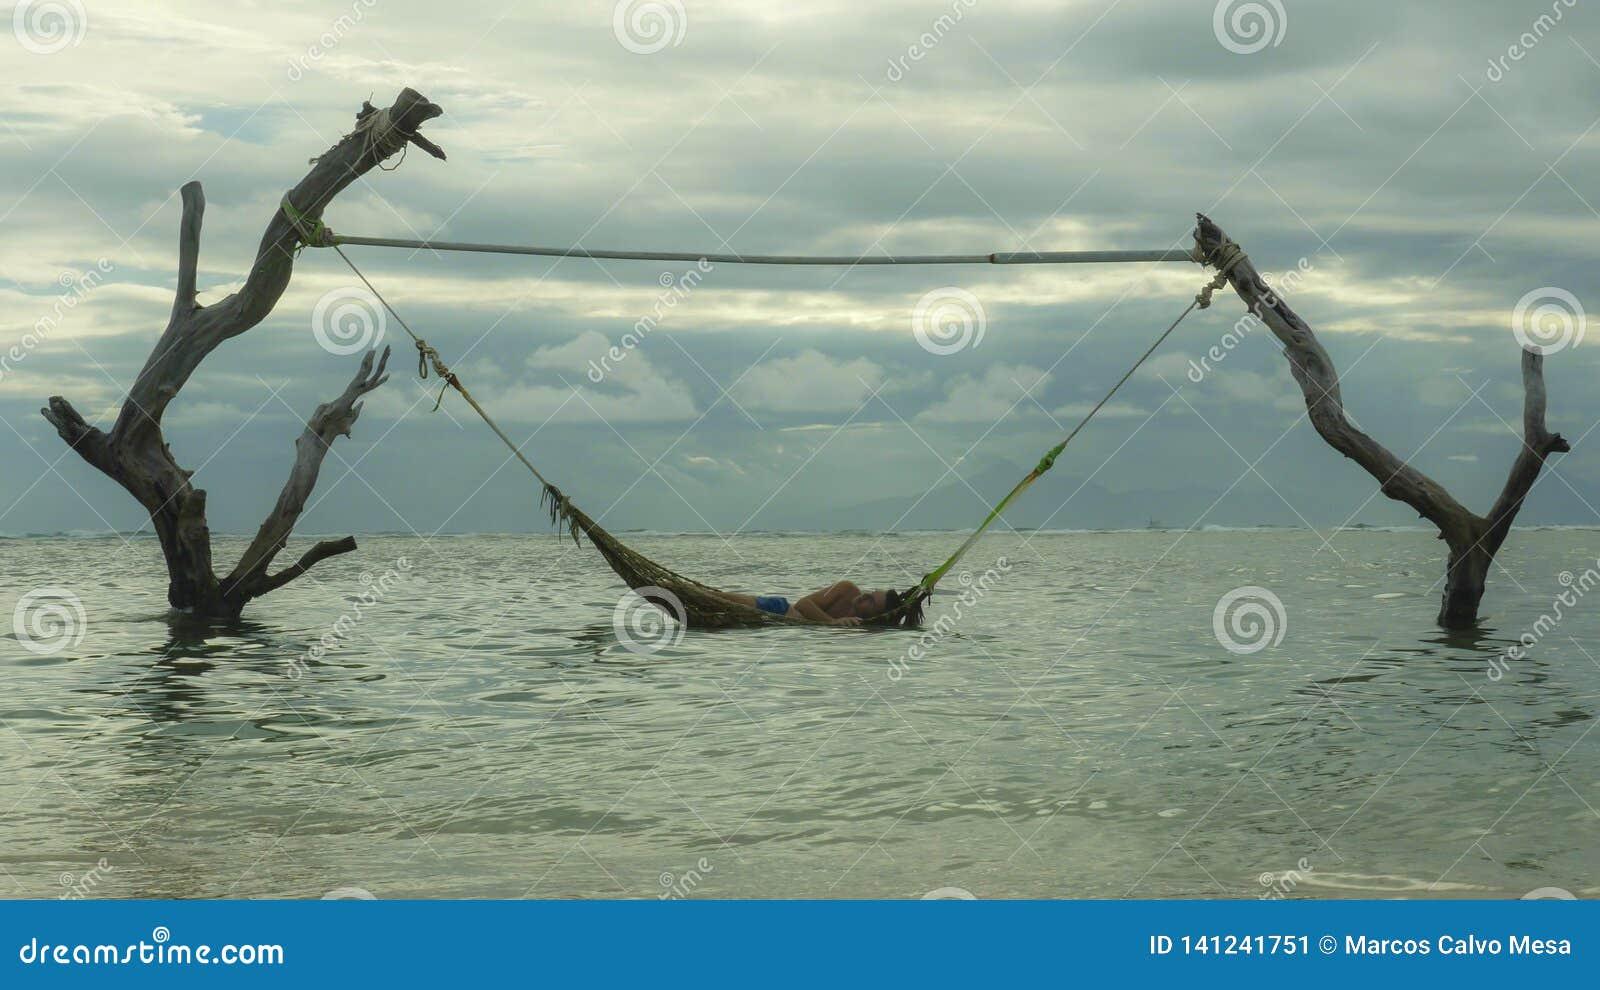 Encontro do homem relaxado e feliz na surpresa da rede do mar estabelecida em troncos de árvore na praia tropical da ilha no curs